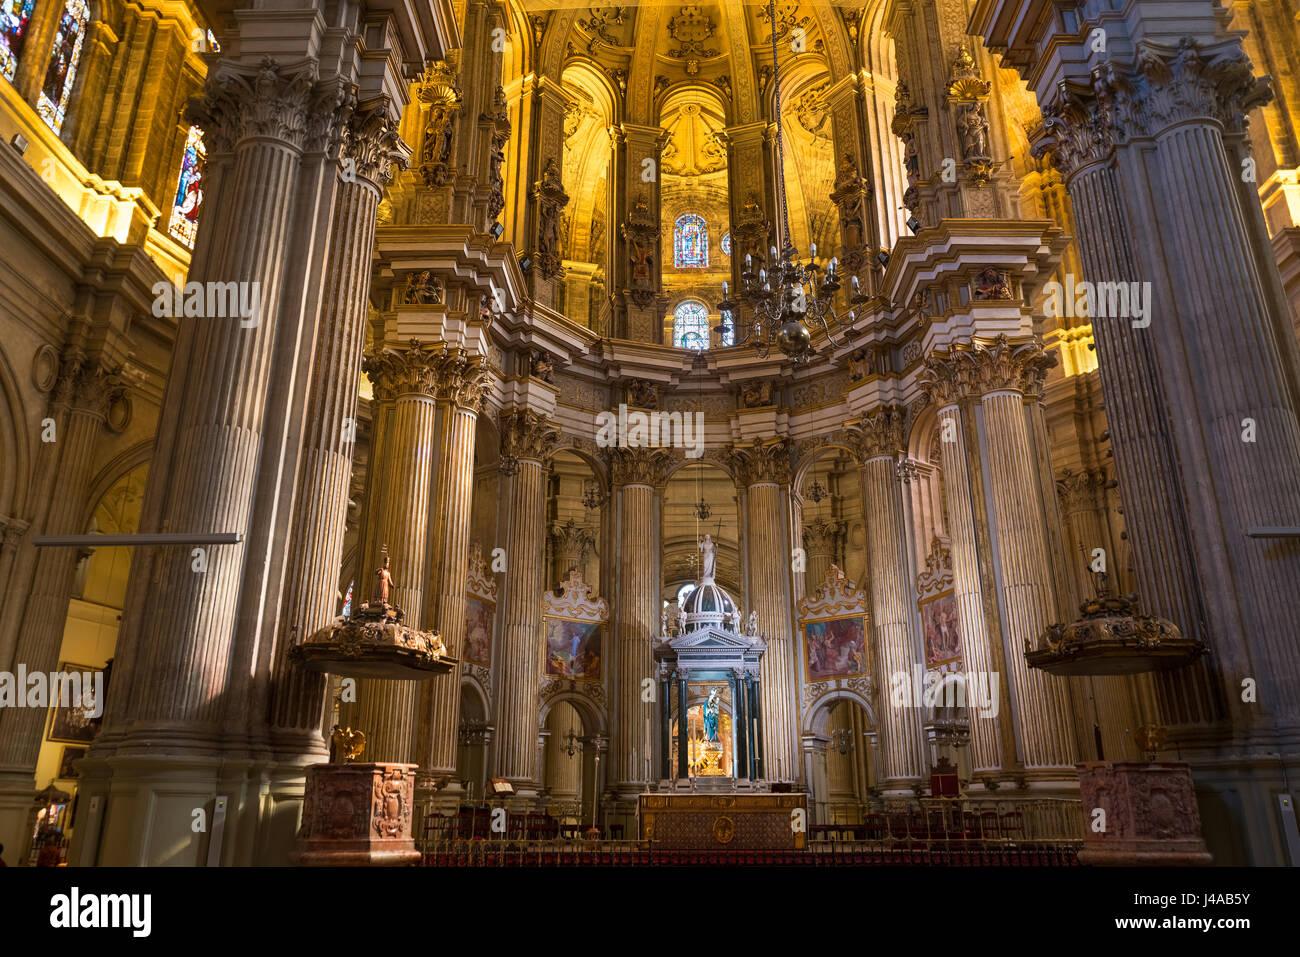 Interior de la catedral de Málaga, España. La Santa Iglesia Catedral Basílica de la Encarnación, Imagen De Stock